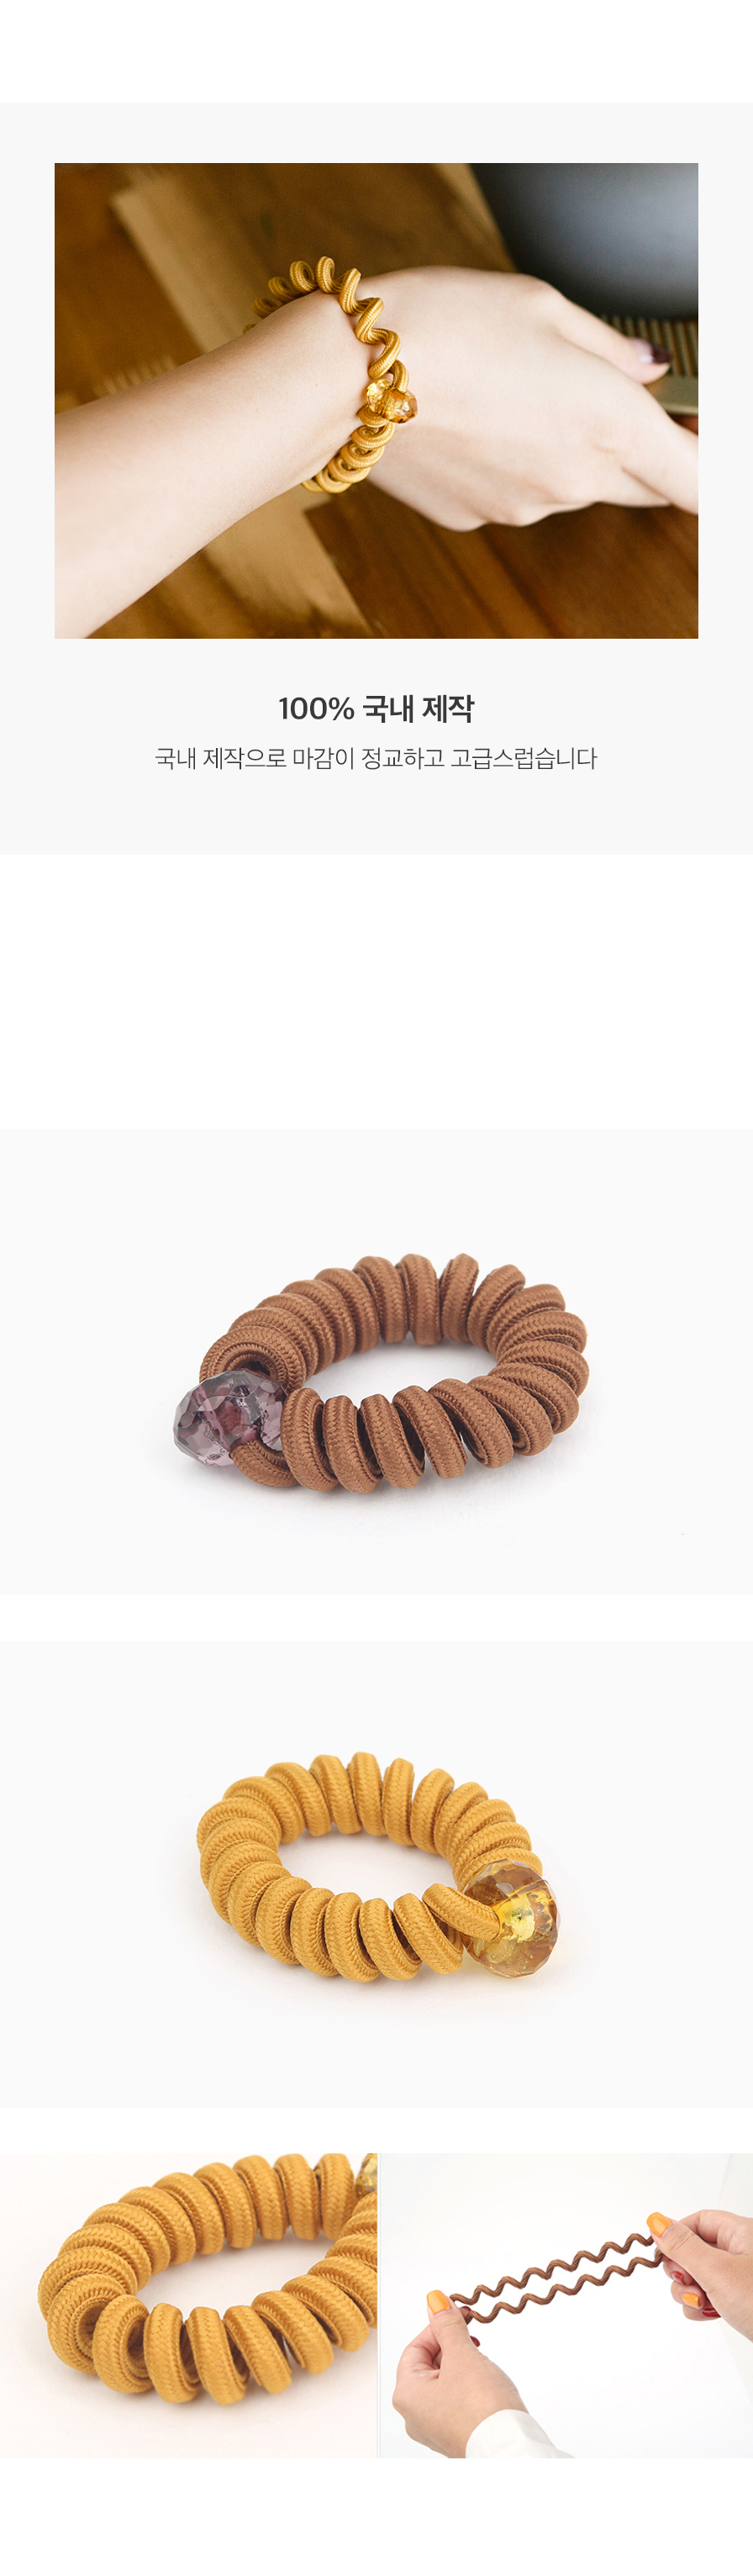 엘라스틱 스프링머리끈 - 아르뉴, 2,500원, 헤어핀/밴드/끈, 헤어핀/끈